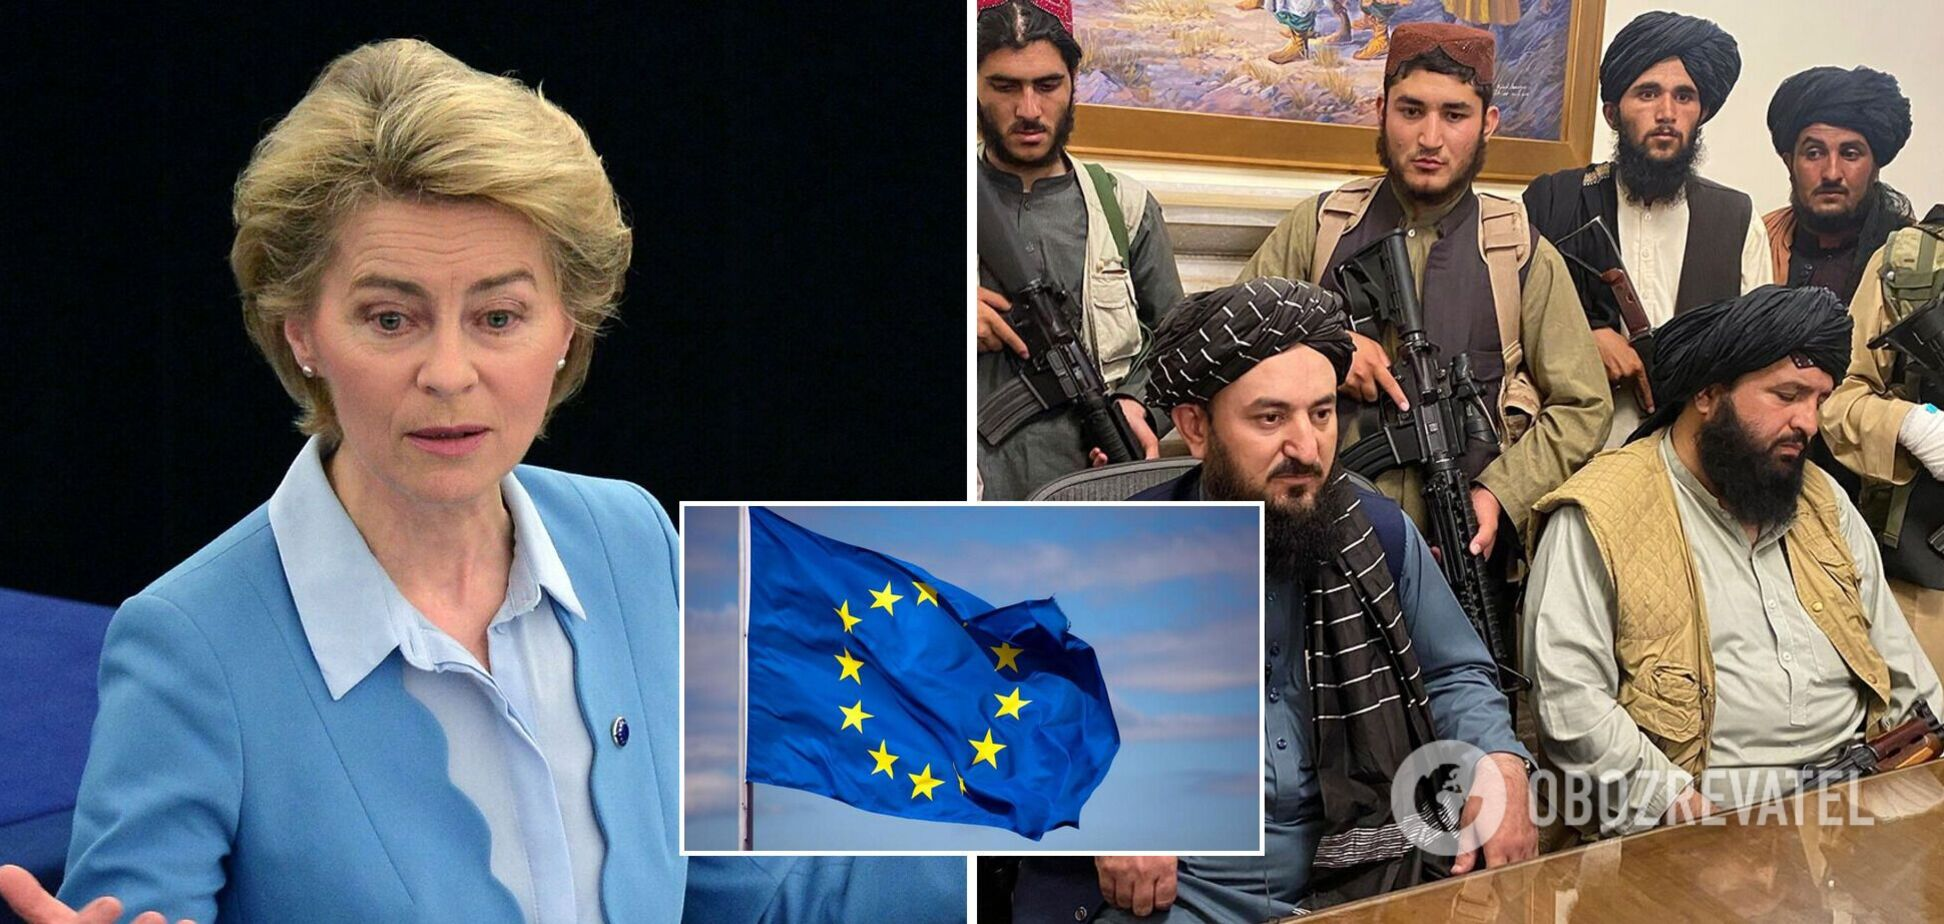 Урсула фон дер Ляйен заявила об 'оперативных контактах' ЕС с 'Талибаном'